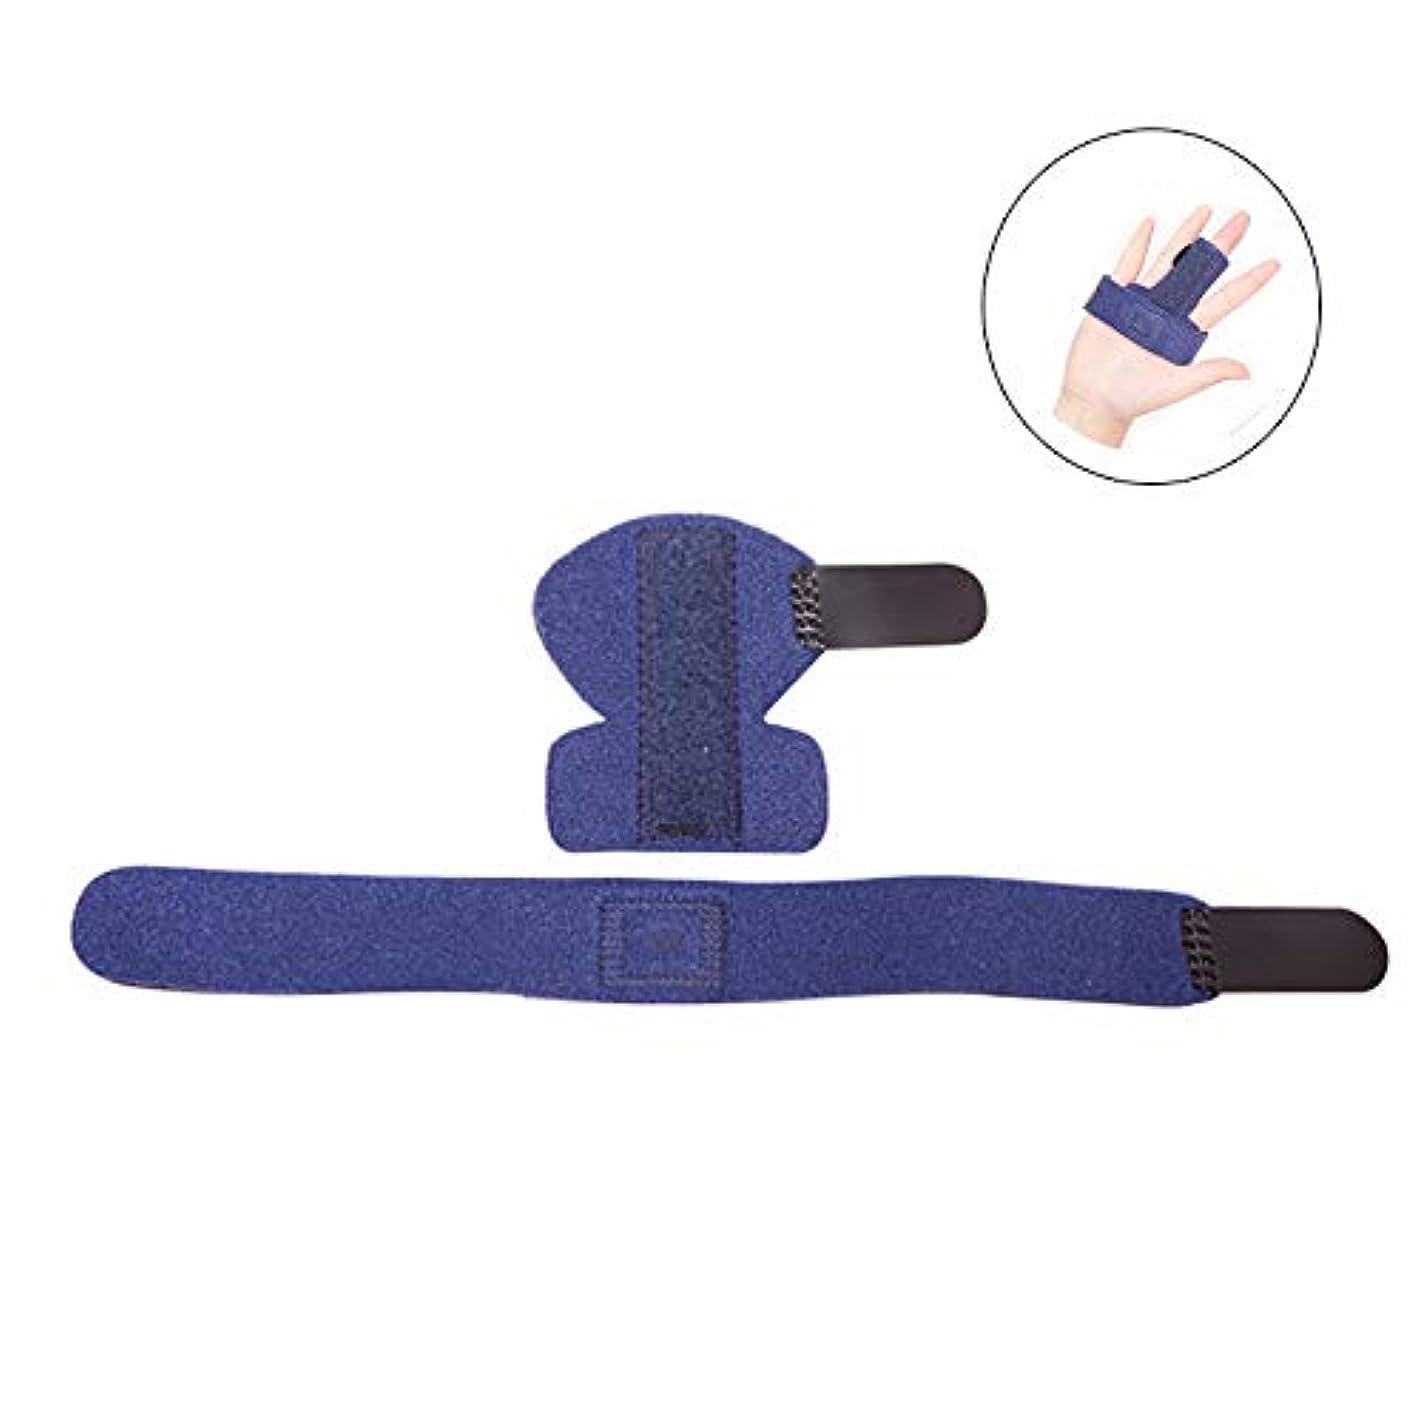 クリップ貧困真夜中指の痛みの軽減、指の関節の固定、指の骨折のための指サポート調整可能なプロテクターブレーススプリント